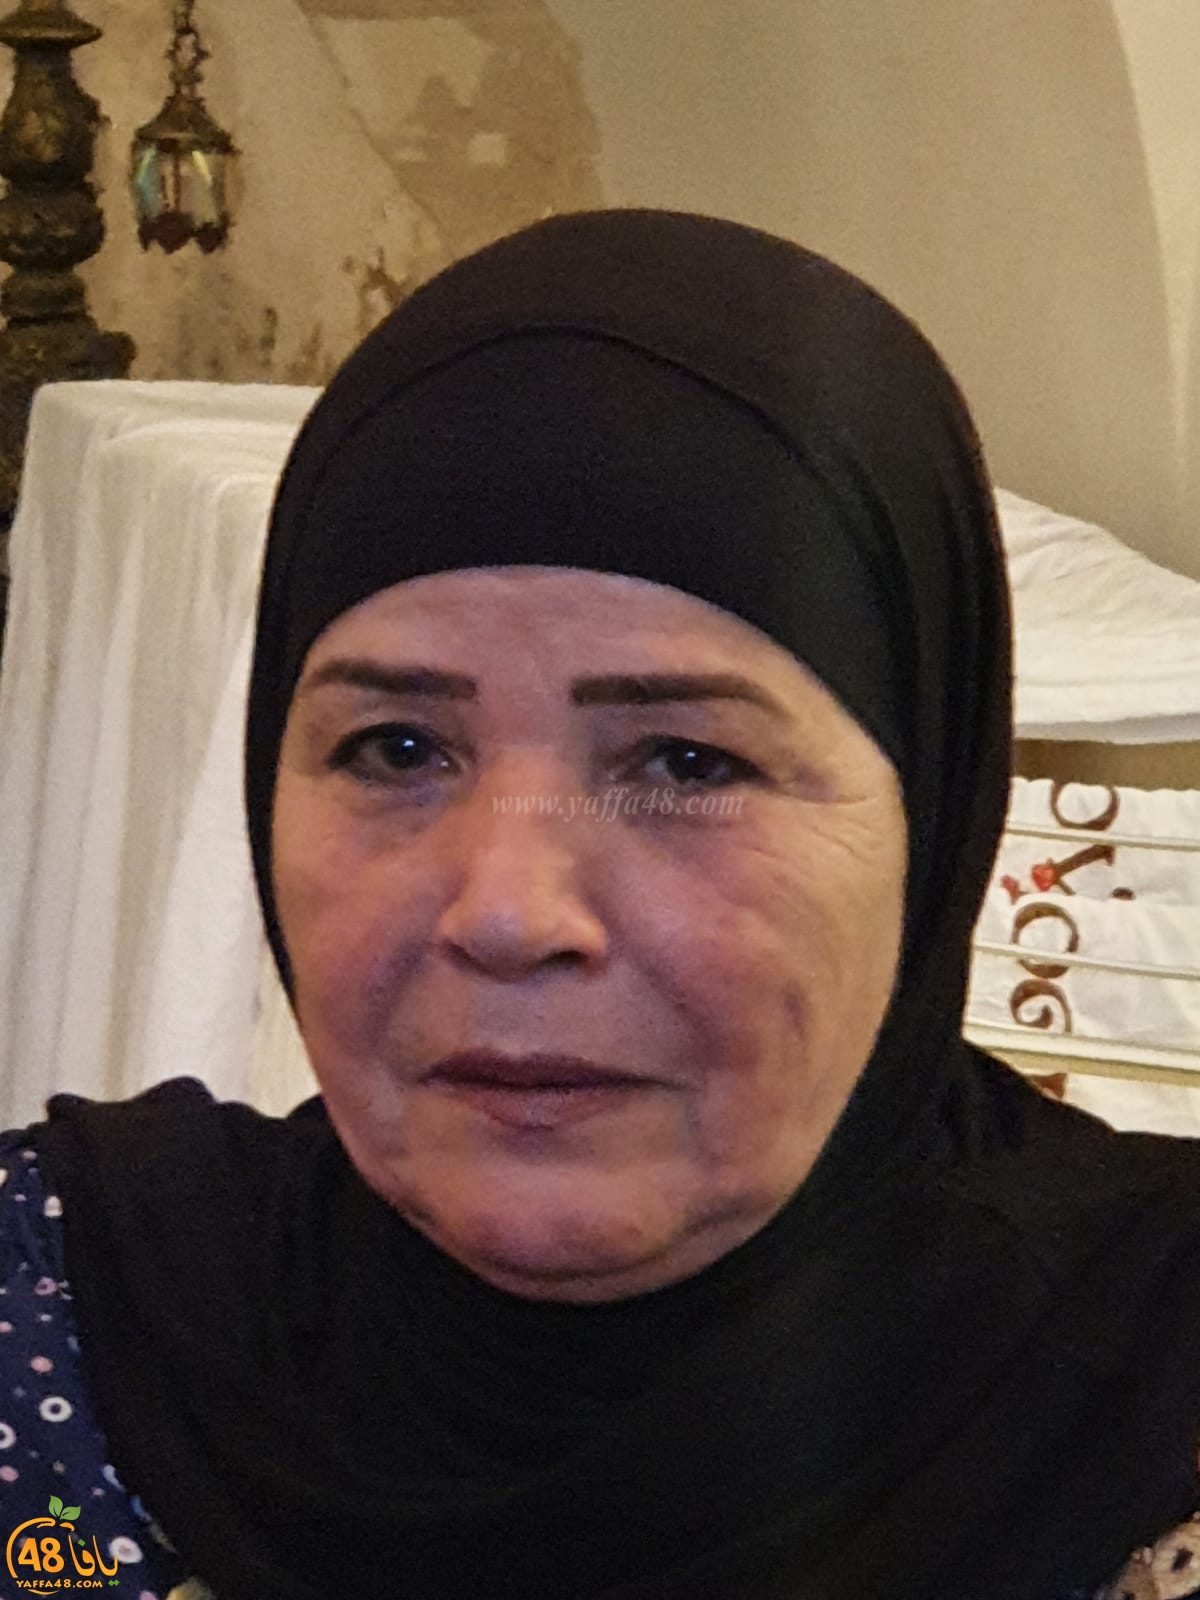 شبح الاخلاء يُخيّم غداً على يافا - قرار بإخلاء سيدة يافية وعائلتها من بيتها ودعوة للتظاهر